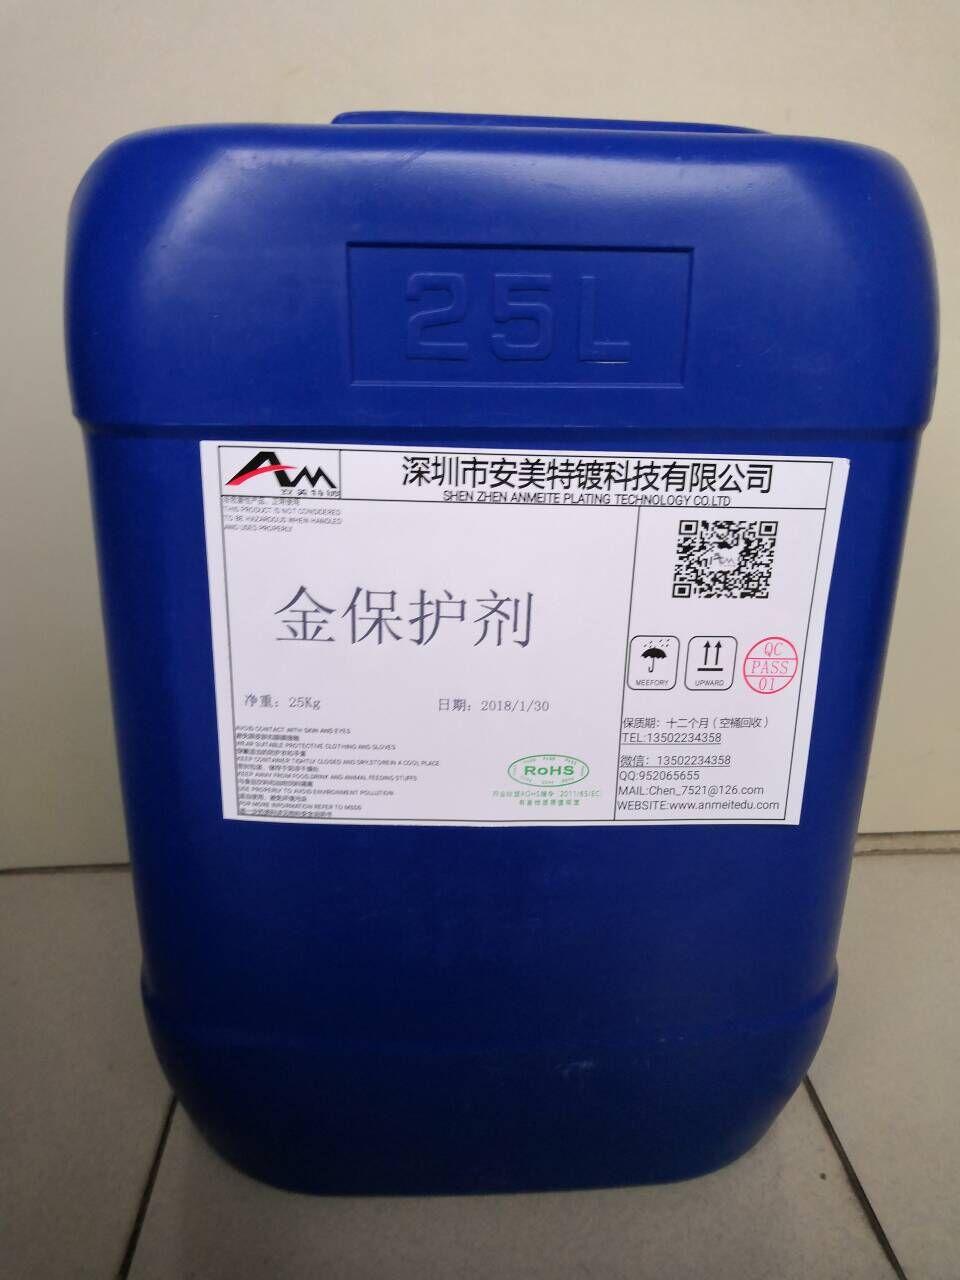 安美特镀金保护剂AM-920专业的镀金添加剂金保护剂厂家直销